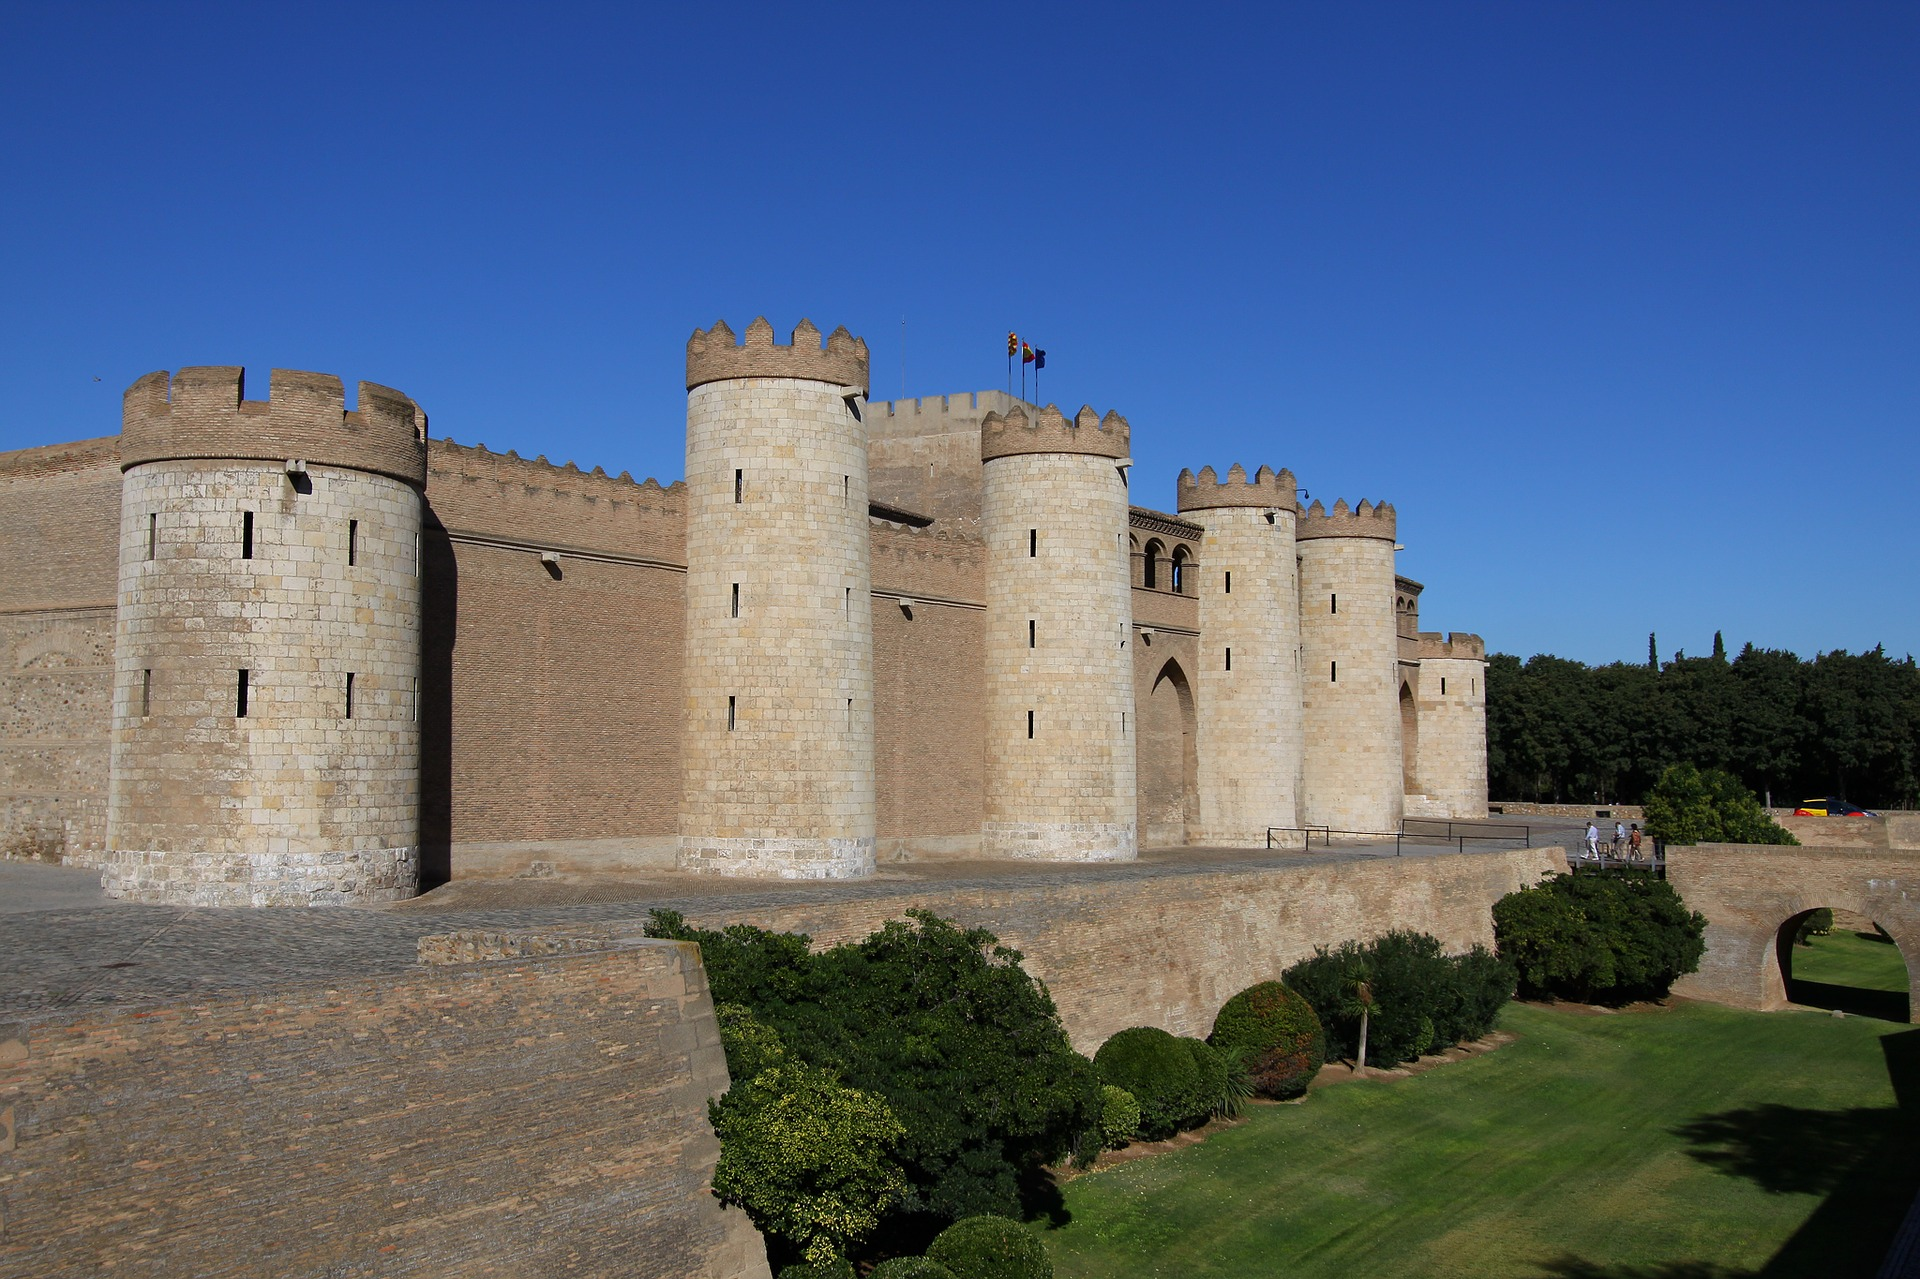 Si viajas a Zaragoza el palacio Aljafería es una visita imprescindible